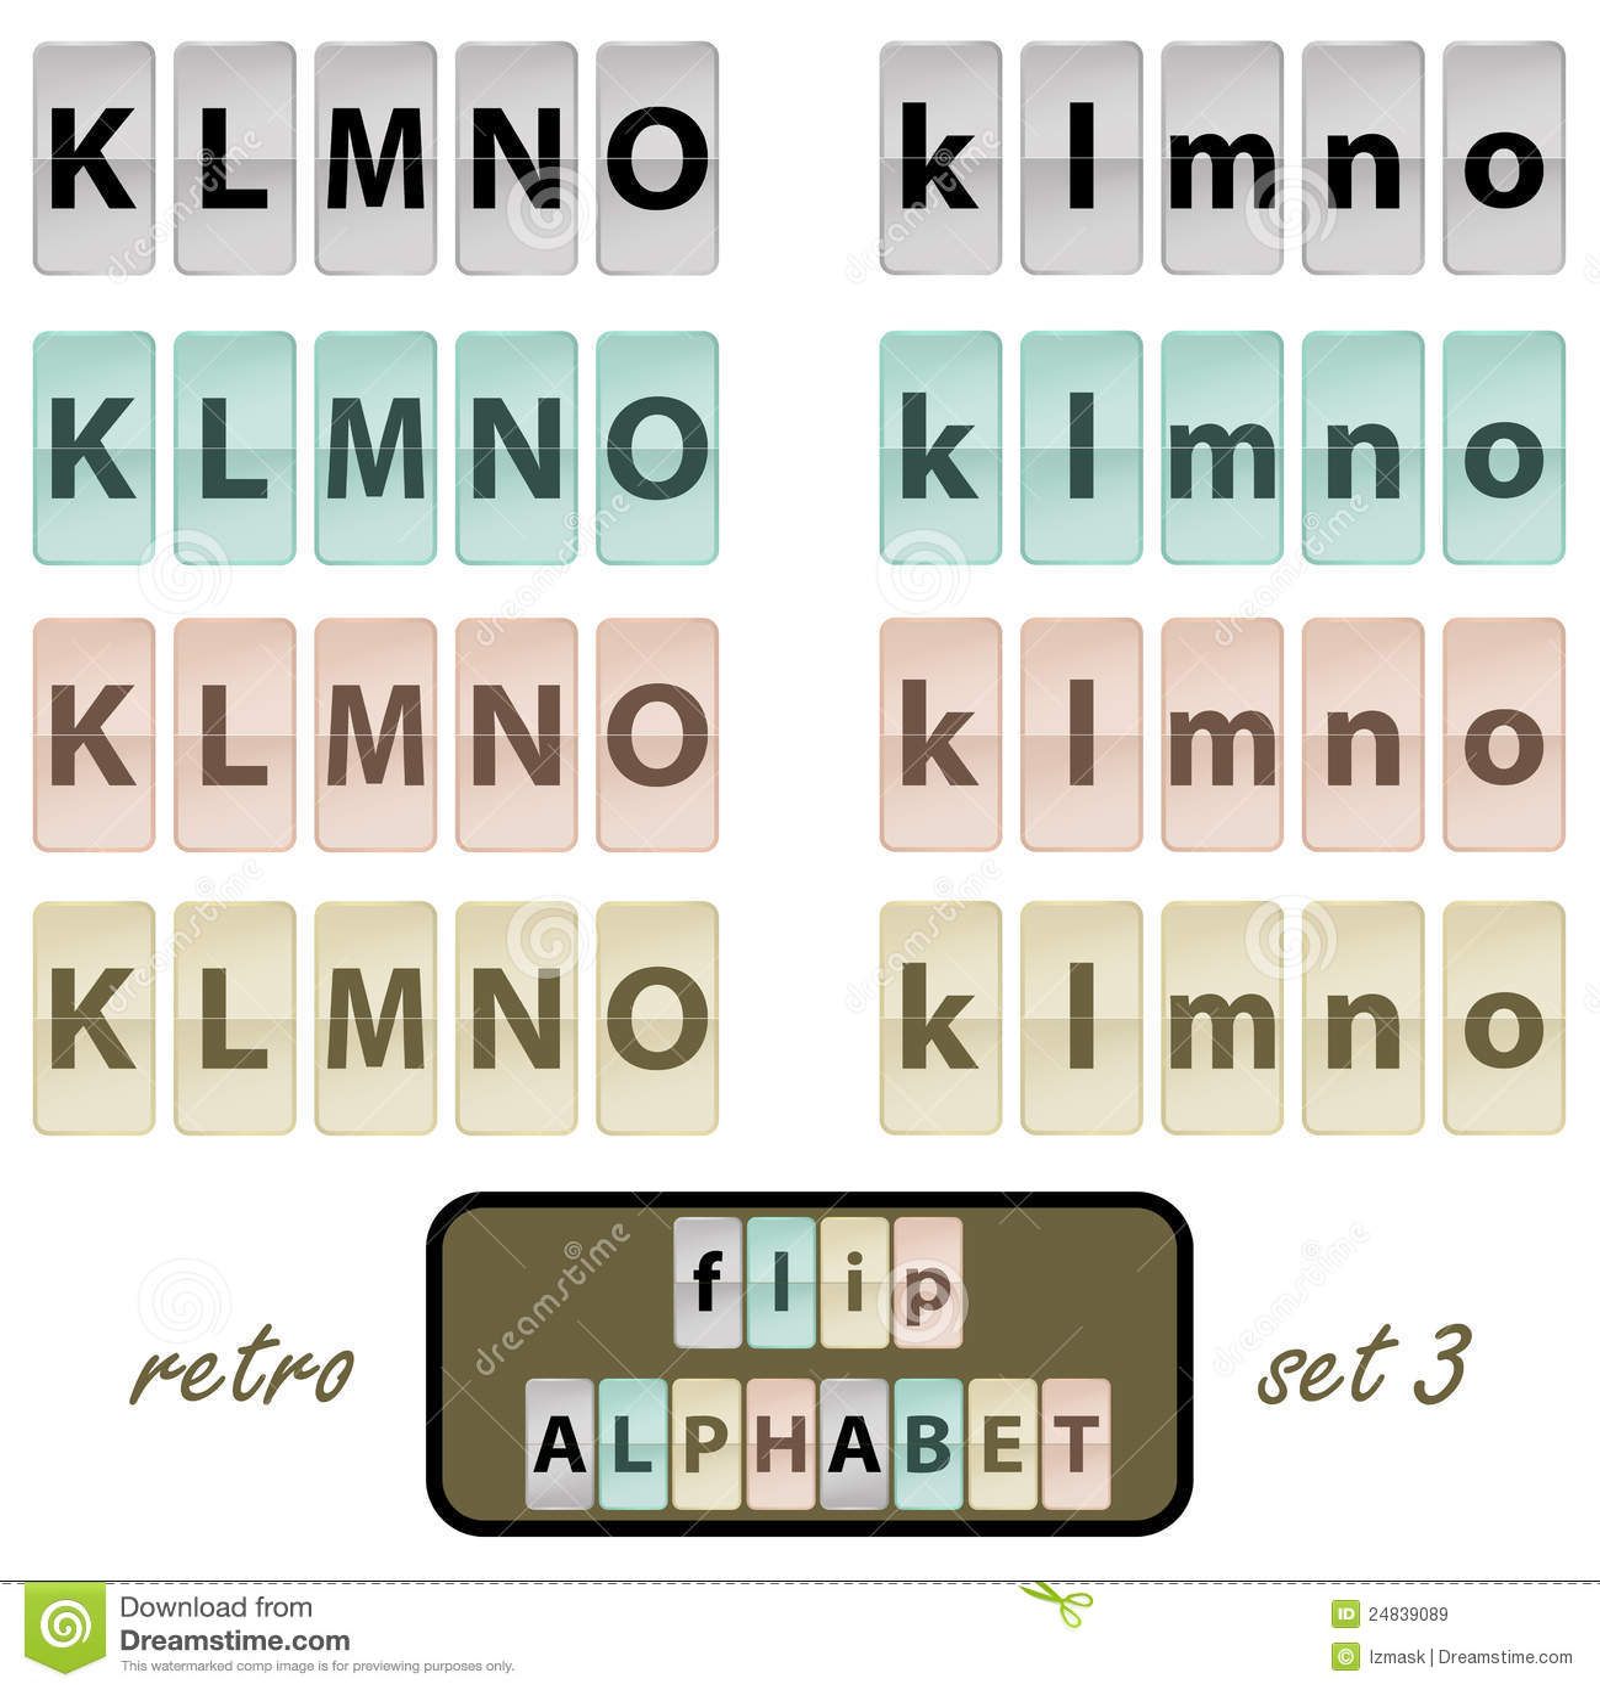 Flip Alphabet Letters C